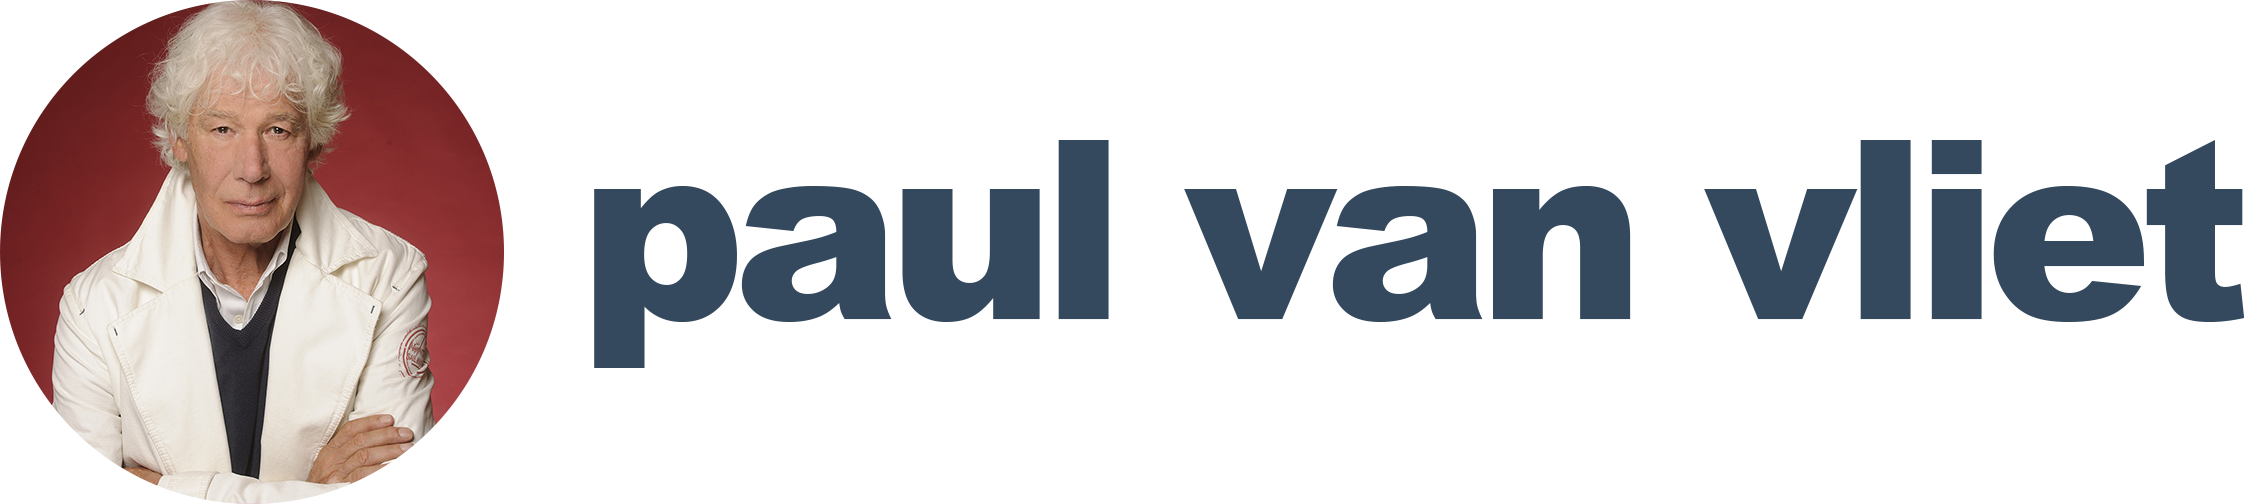 Paul van Vliet